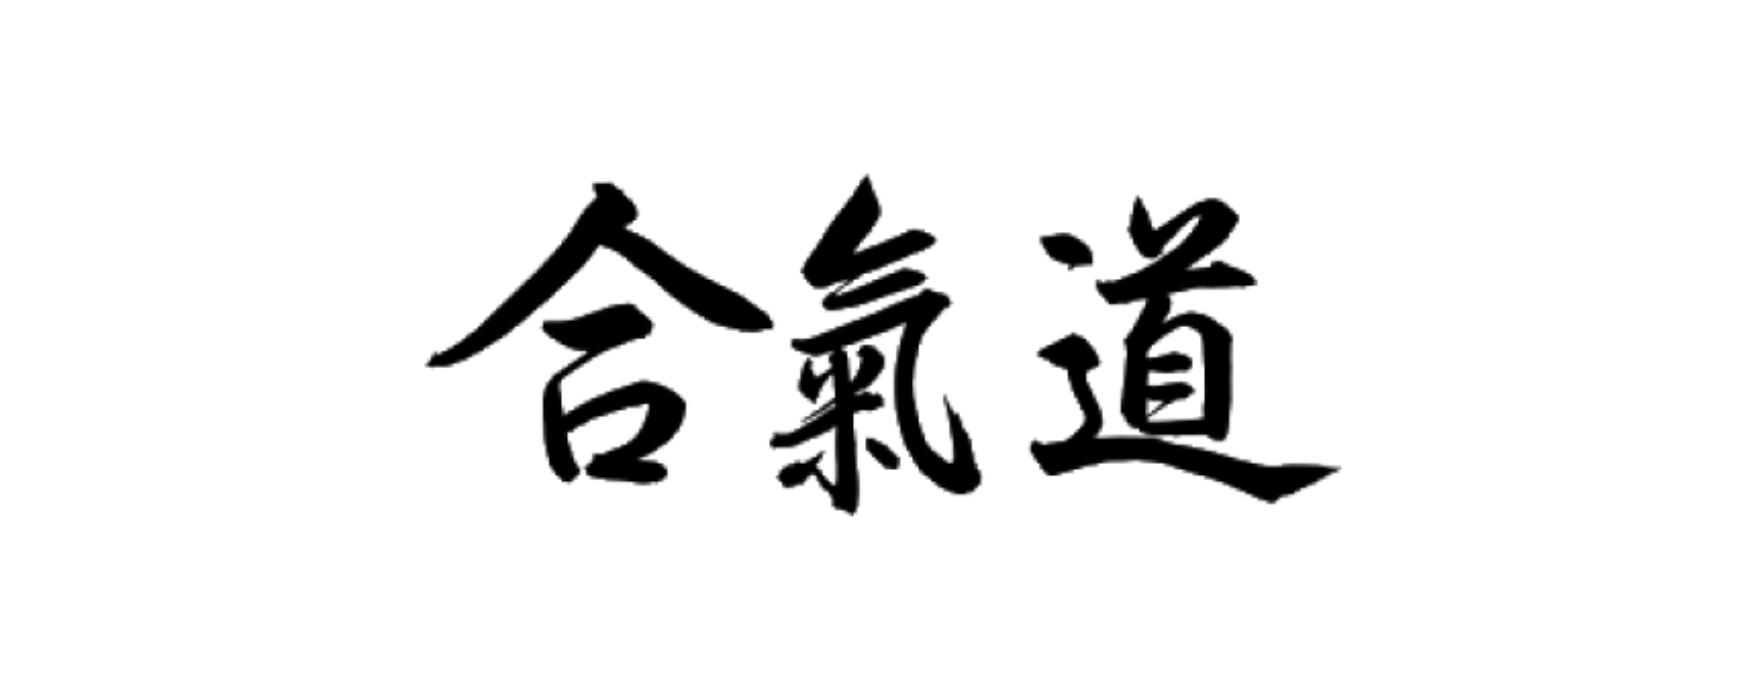 Cronologia dell'aikido